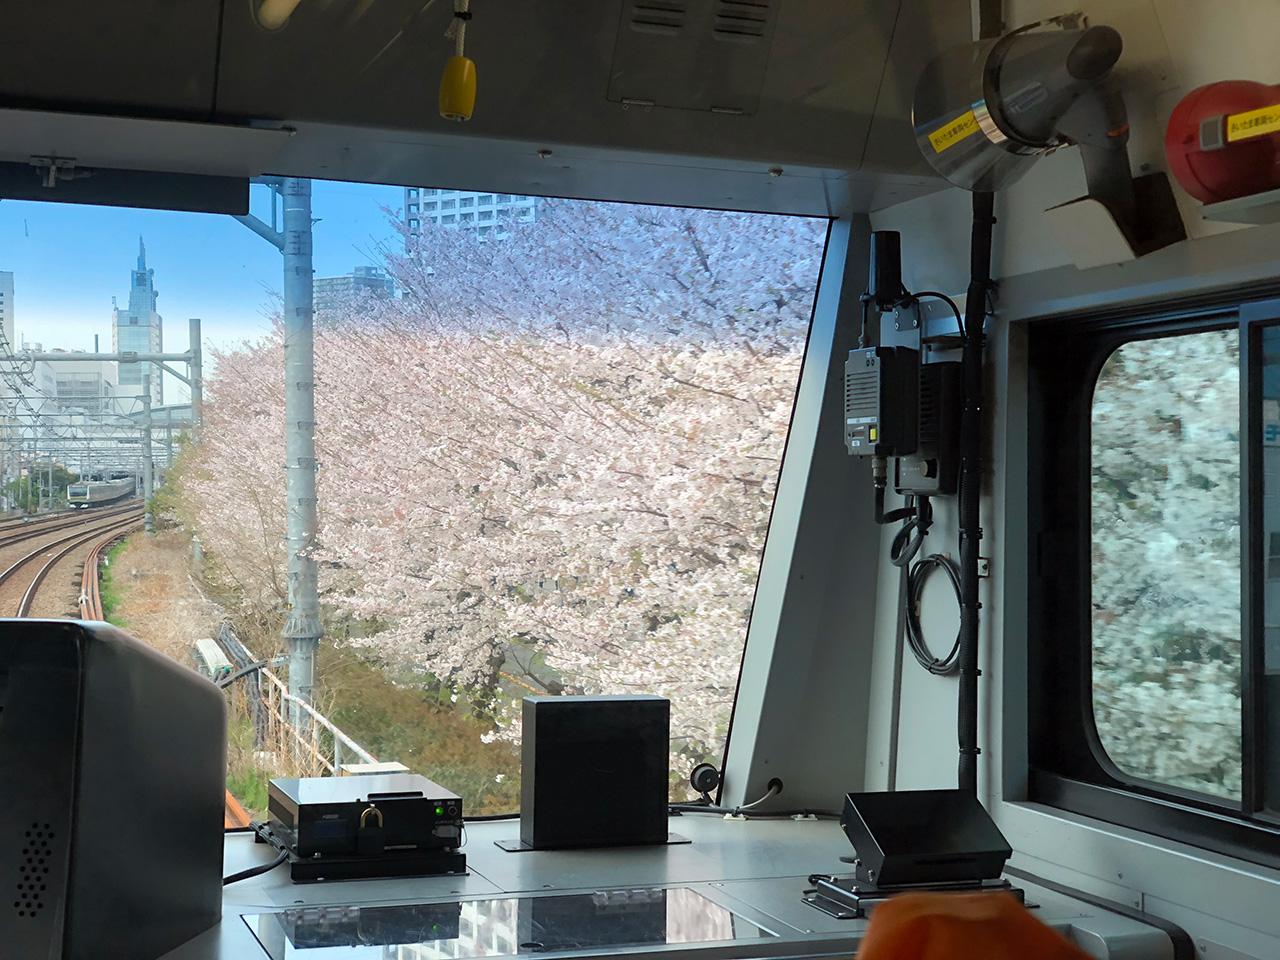 川崎駅ラゾーナ広場(川崎駅北口西)の桜並木